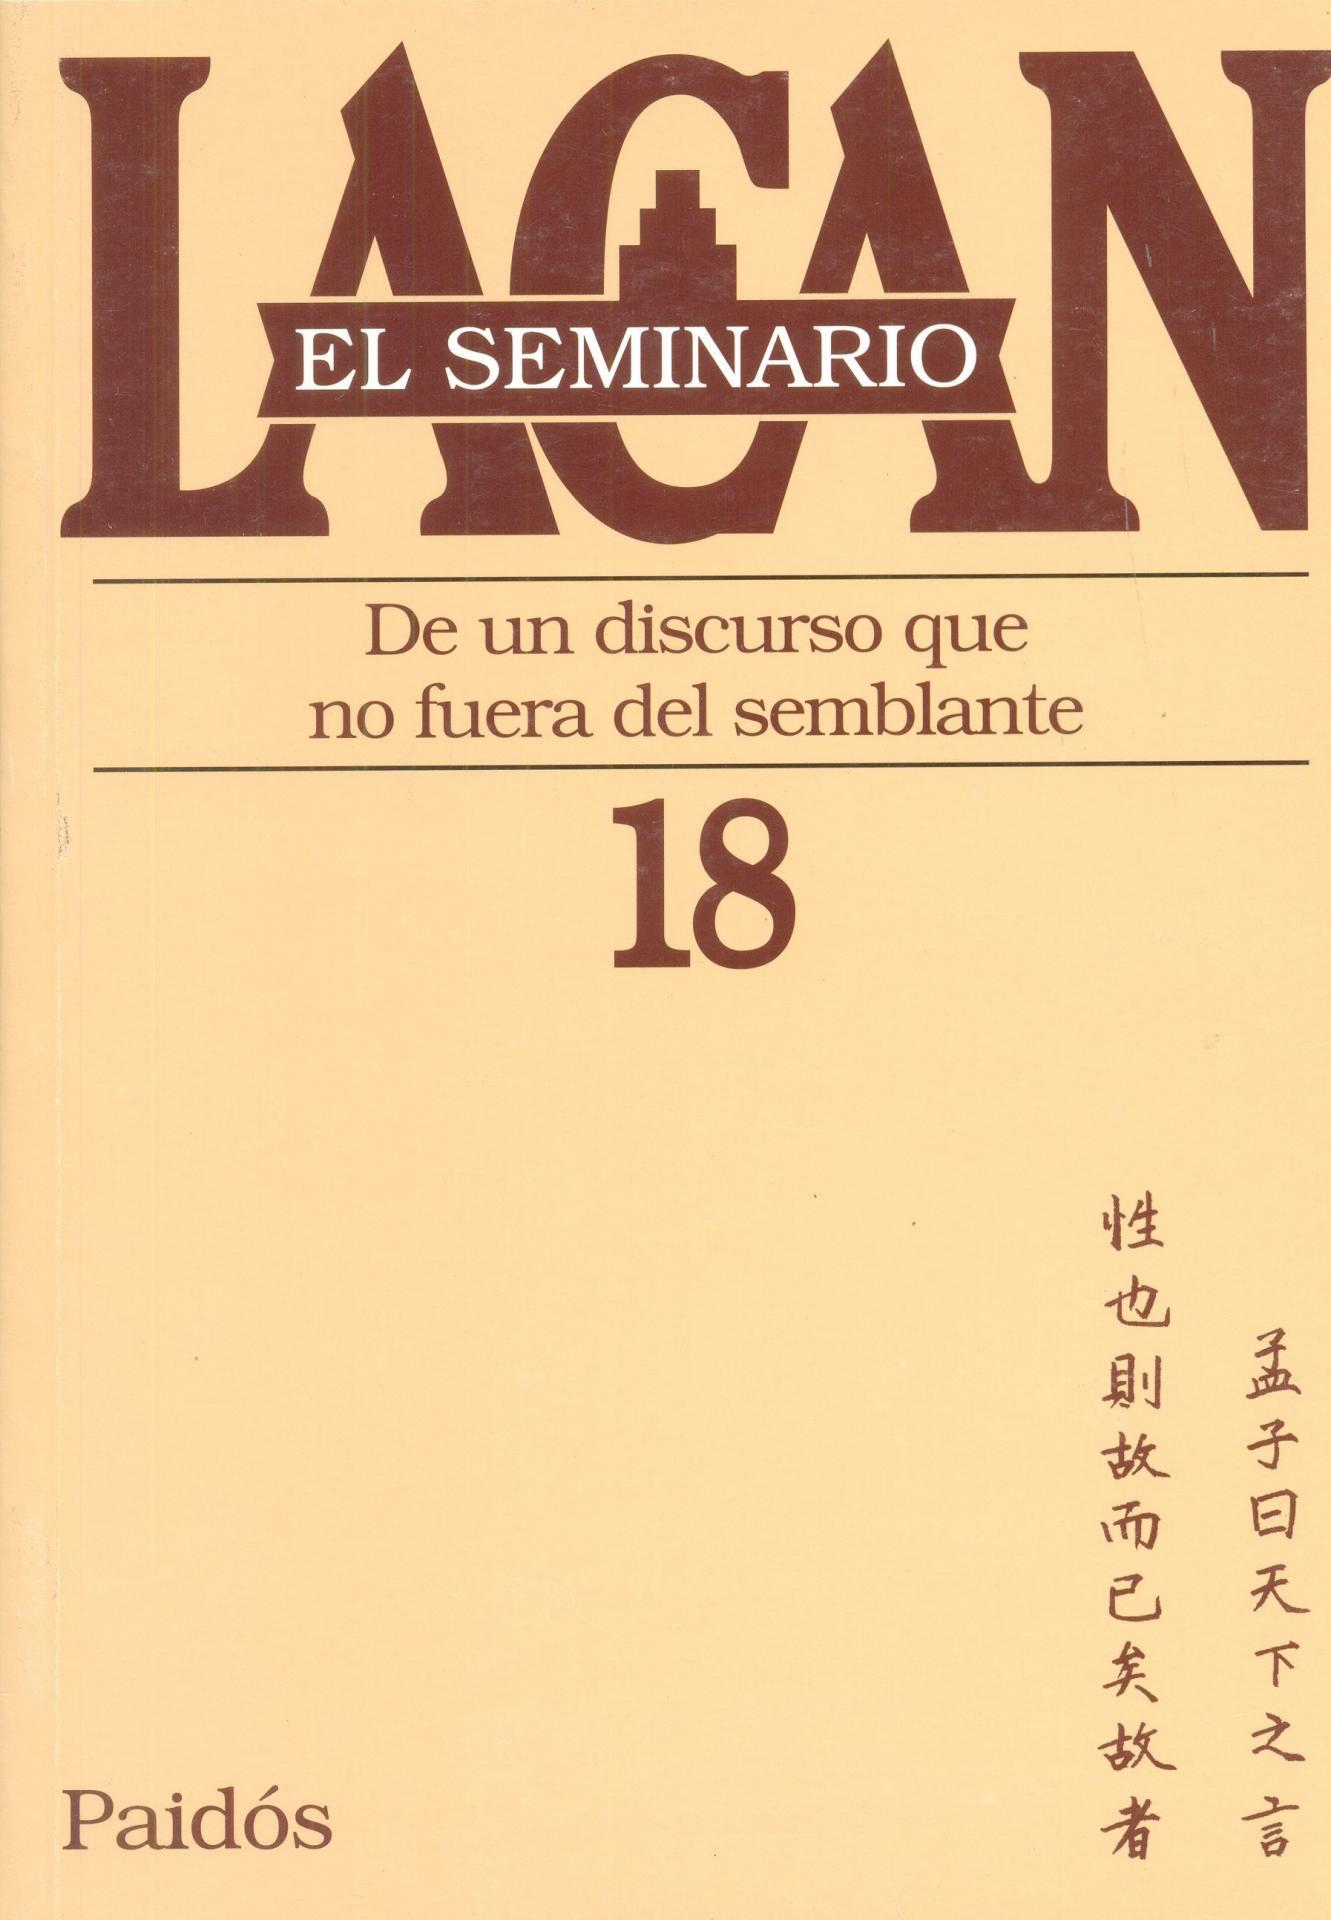 DE UN DISCURSO QUE NO FUERA DEL SEMBLANTE. SEMINARIO Nº 18